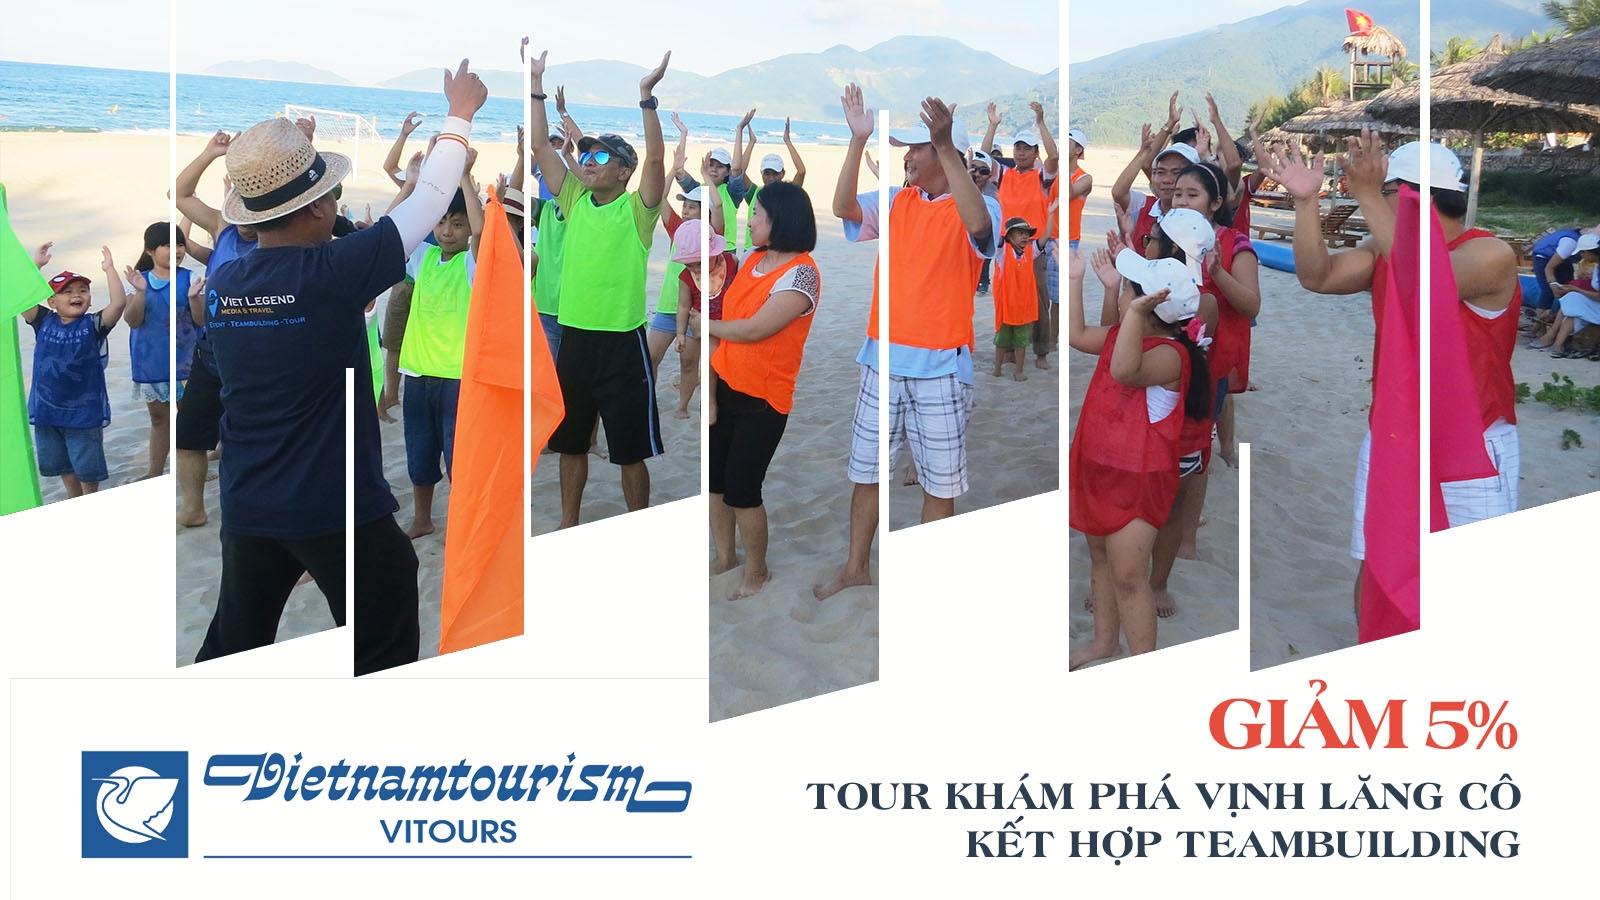 Vitours | Giảm 5% Tour tham quan Vịnh Lăng Cô kết hợp team building 1